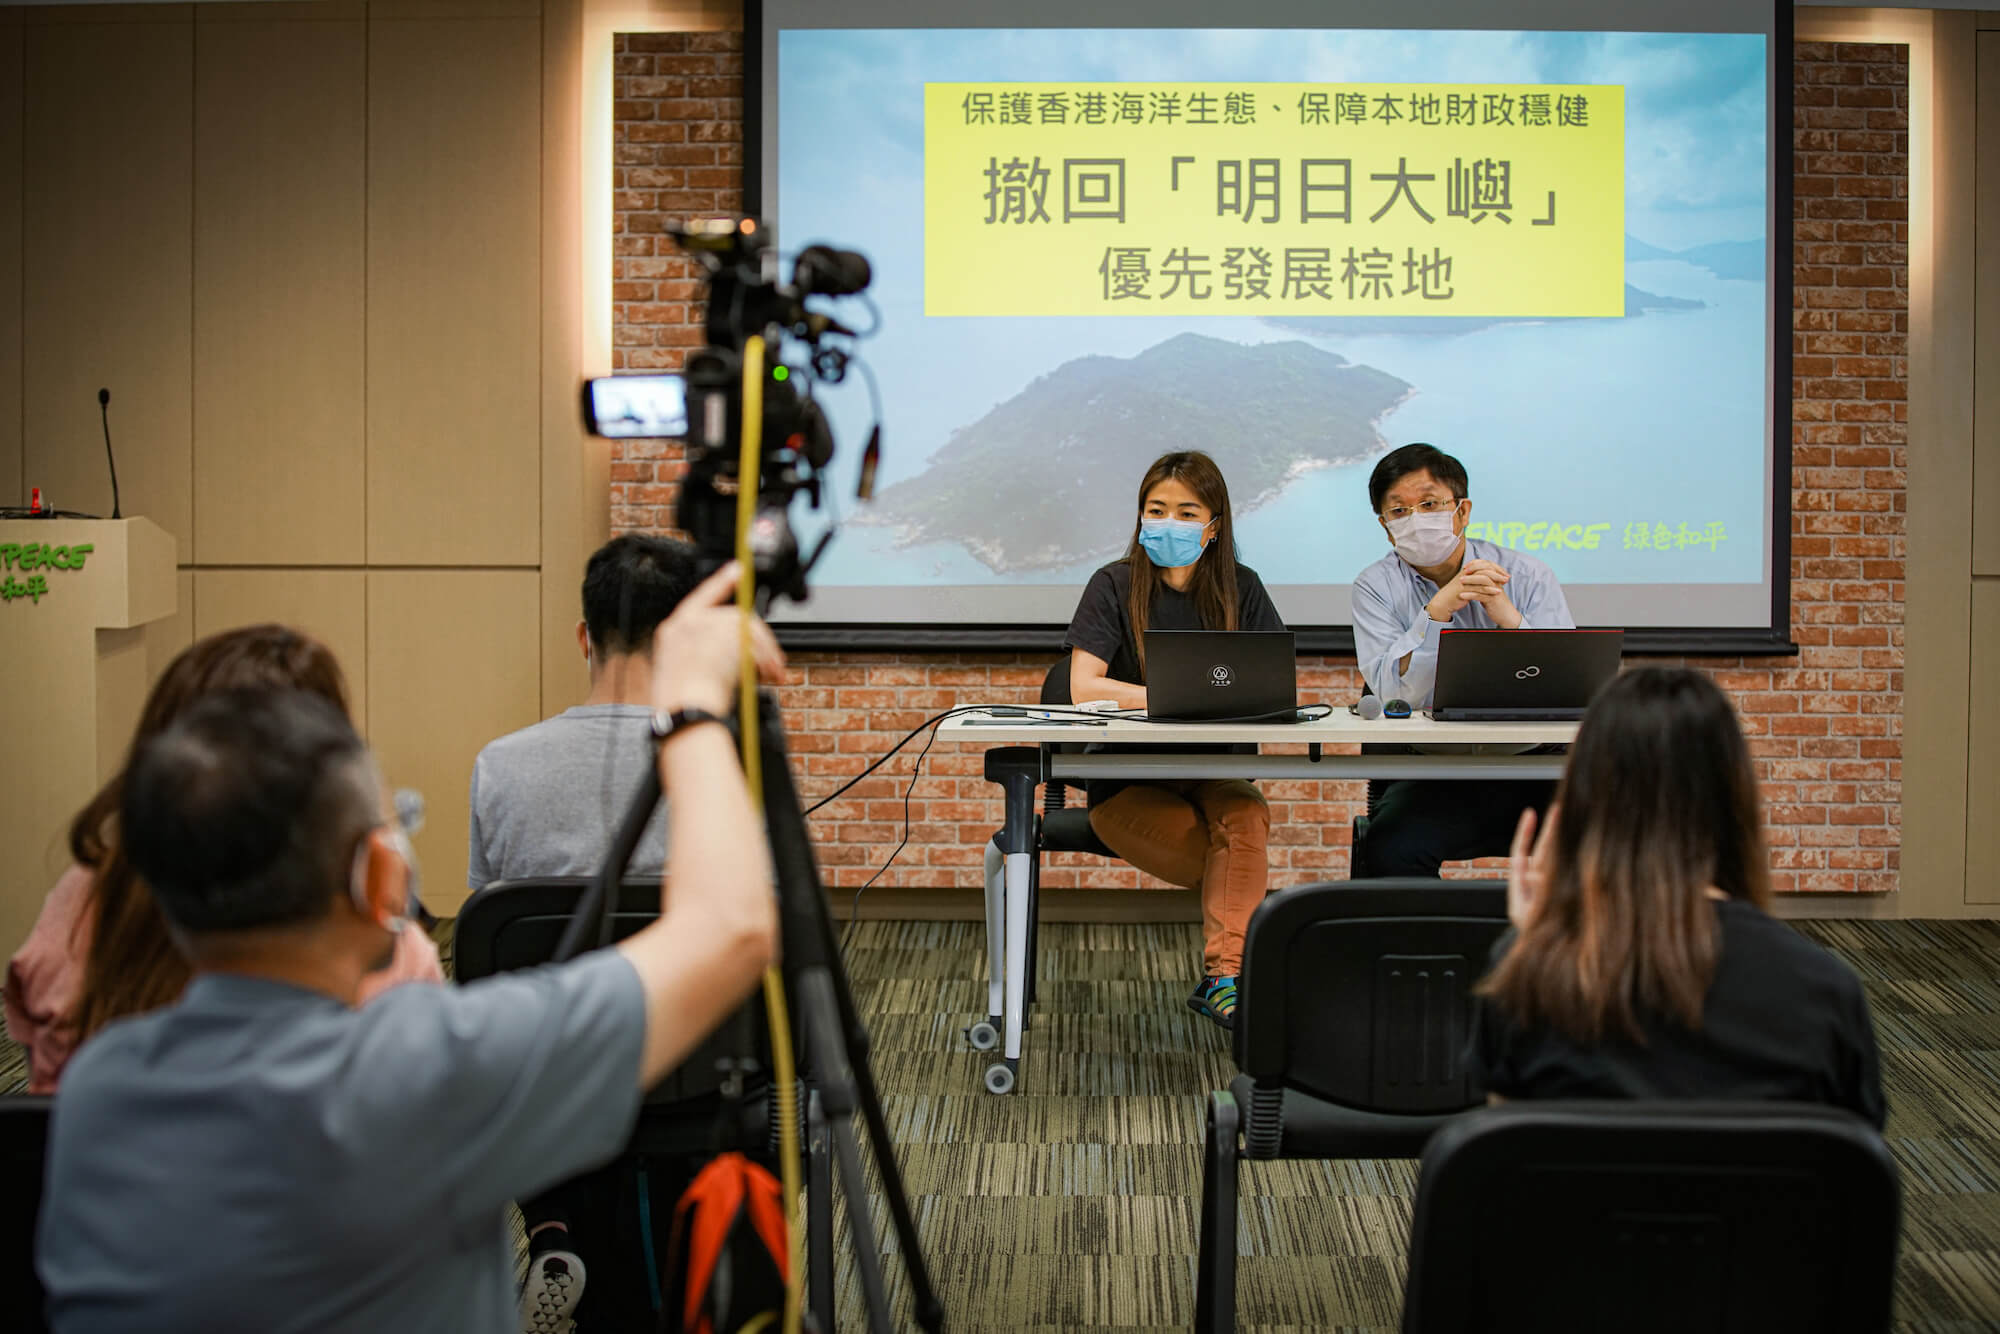 綠色和平聯同經濟學家關焯照教授聯手撰寫香港首份明日大嶼公共財政分析報告,圖為就報告出版舉行之記者會。© Greenpeace